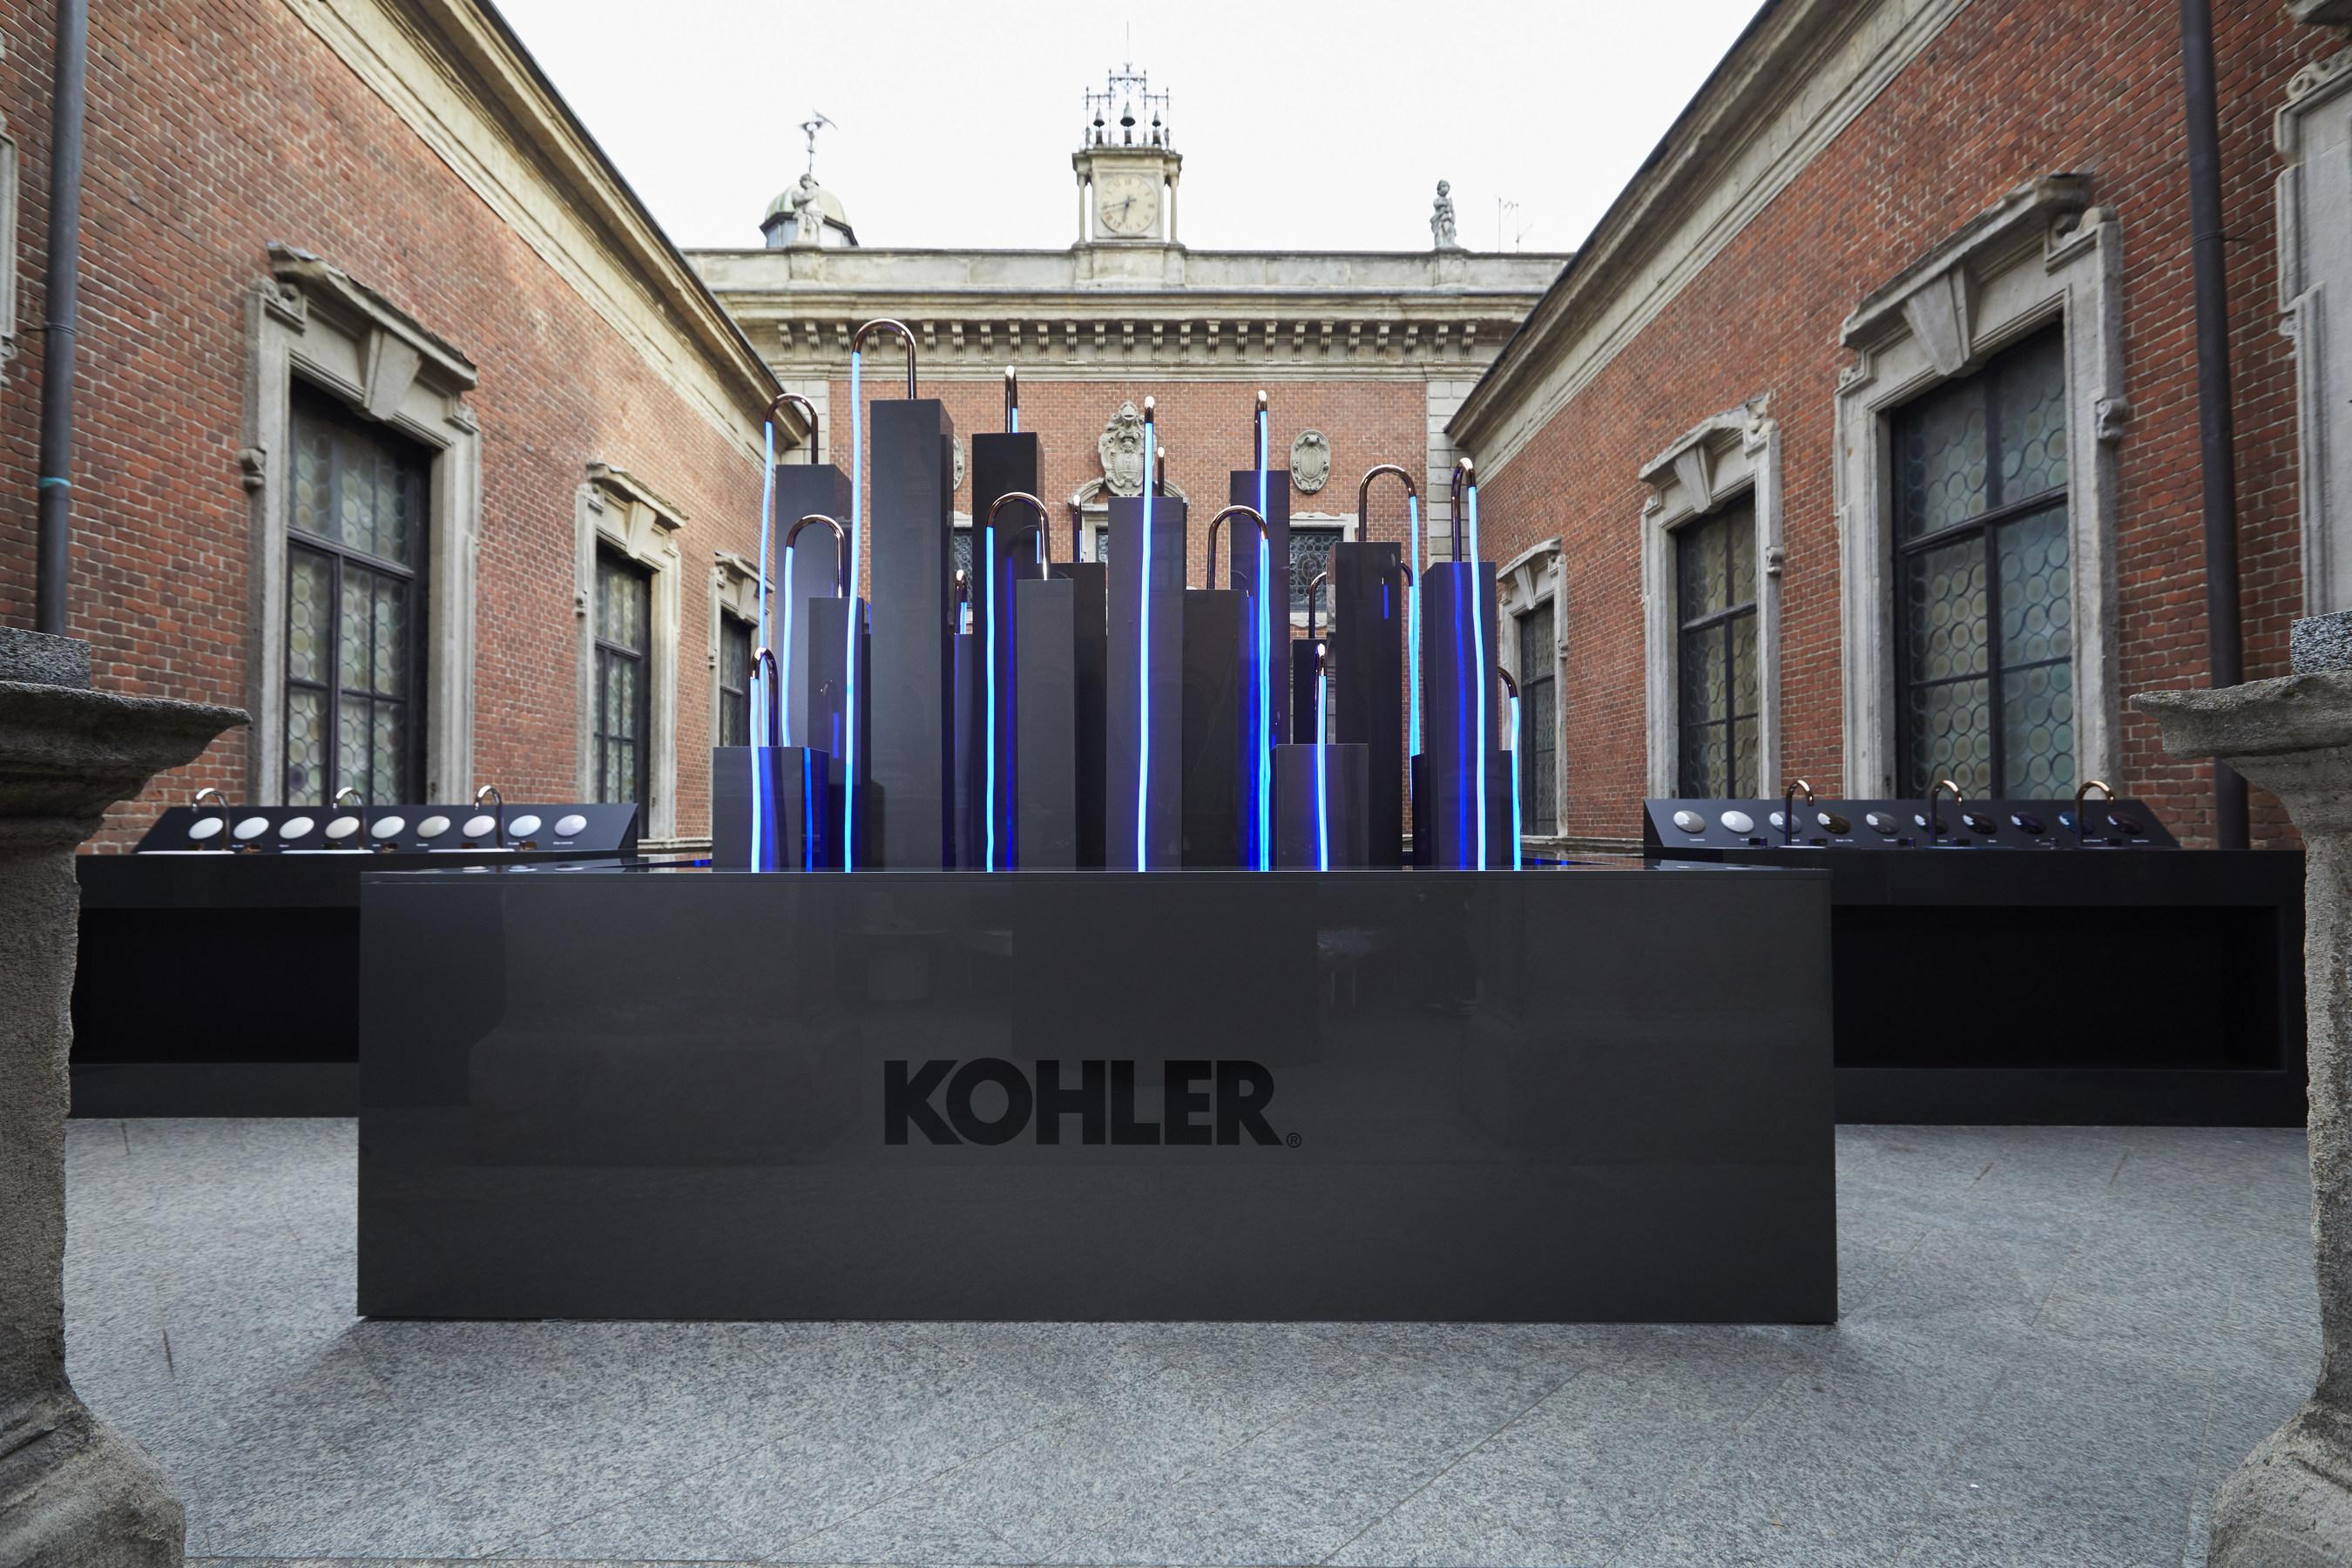 Verre Clair Saint Maximin kohler célèbre le modernisme maximin dans le cadre de la